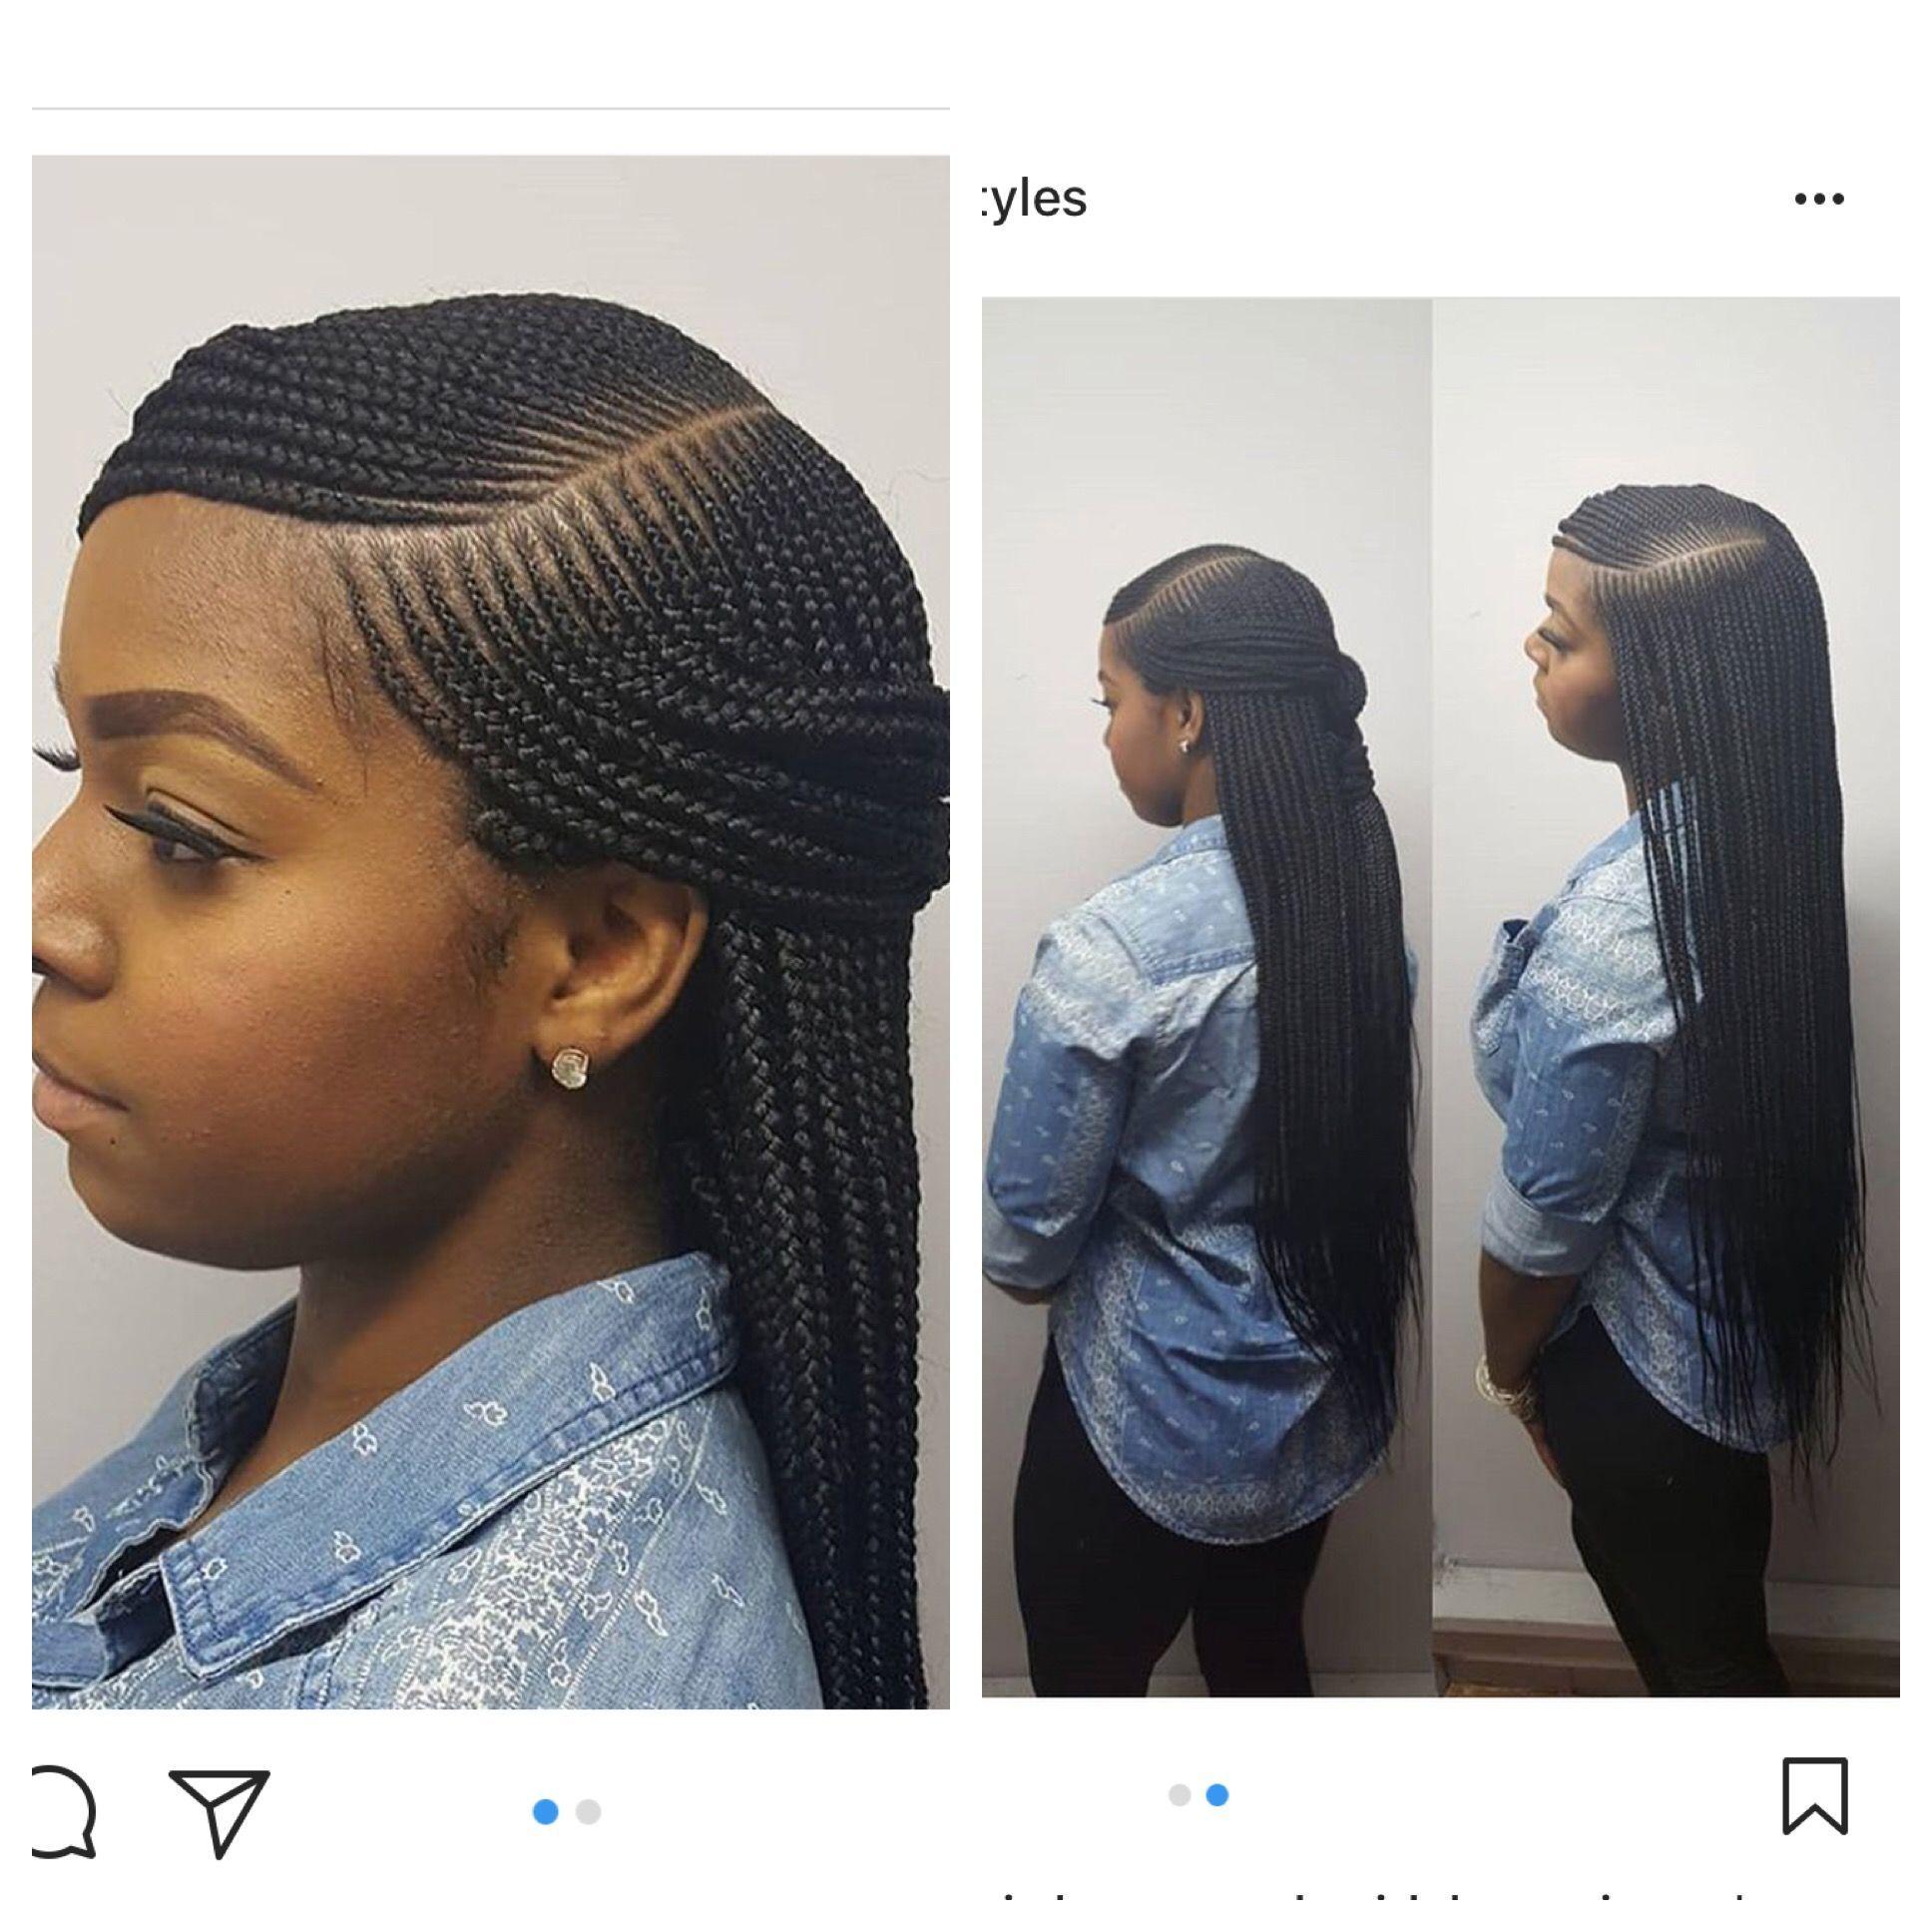 My Style Bangshairstylewavy Scalp Braids Braided Hairstyles Scalp Braids With Weave